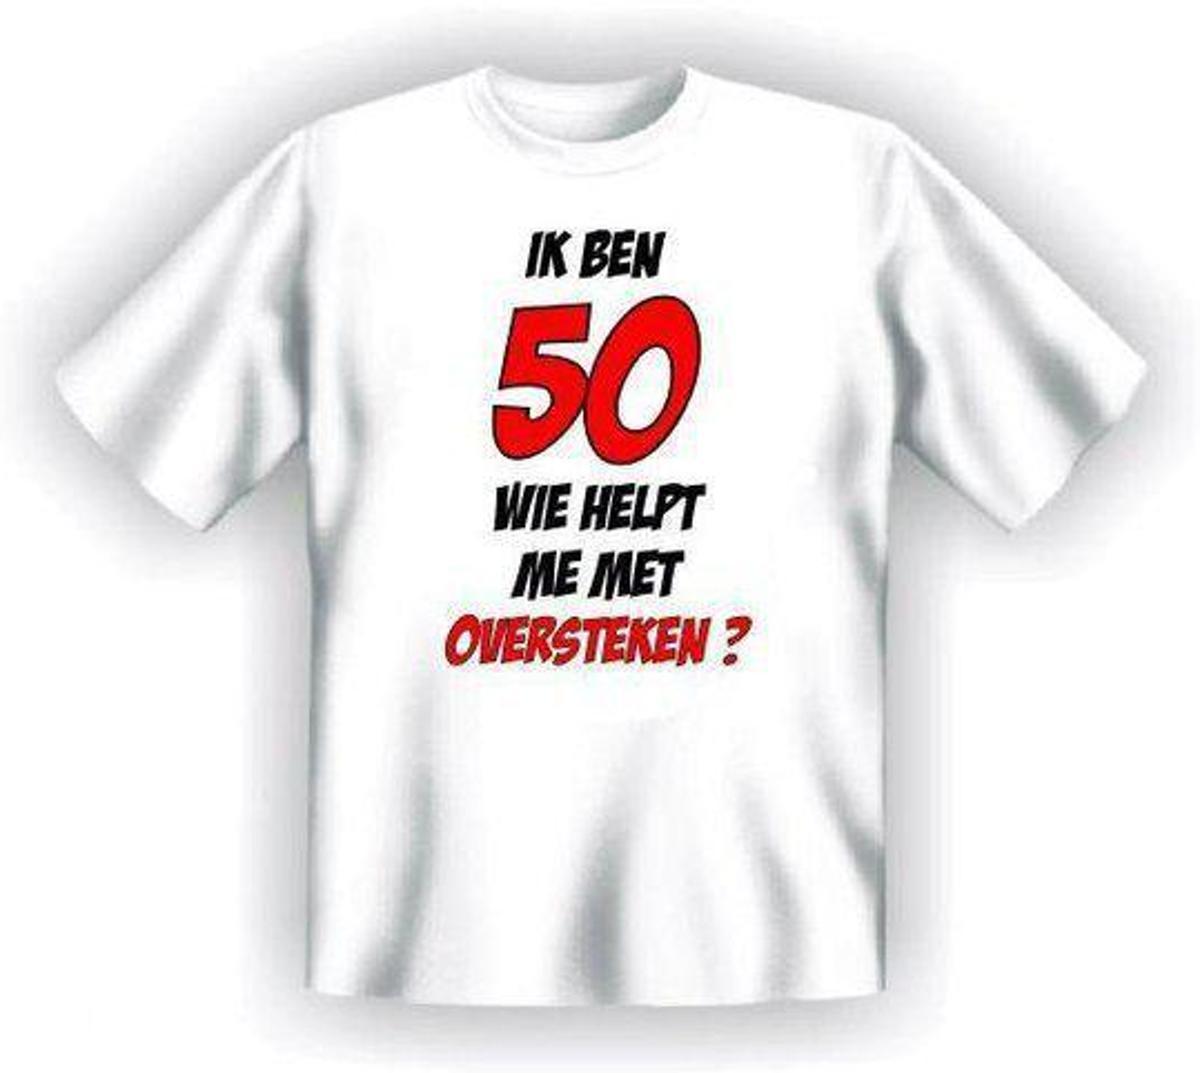 Helpt 50Wie Benza OverstekenleukGrappig Met Me Shirt T c34LSARjq5